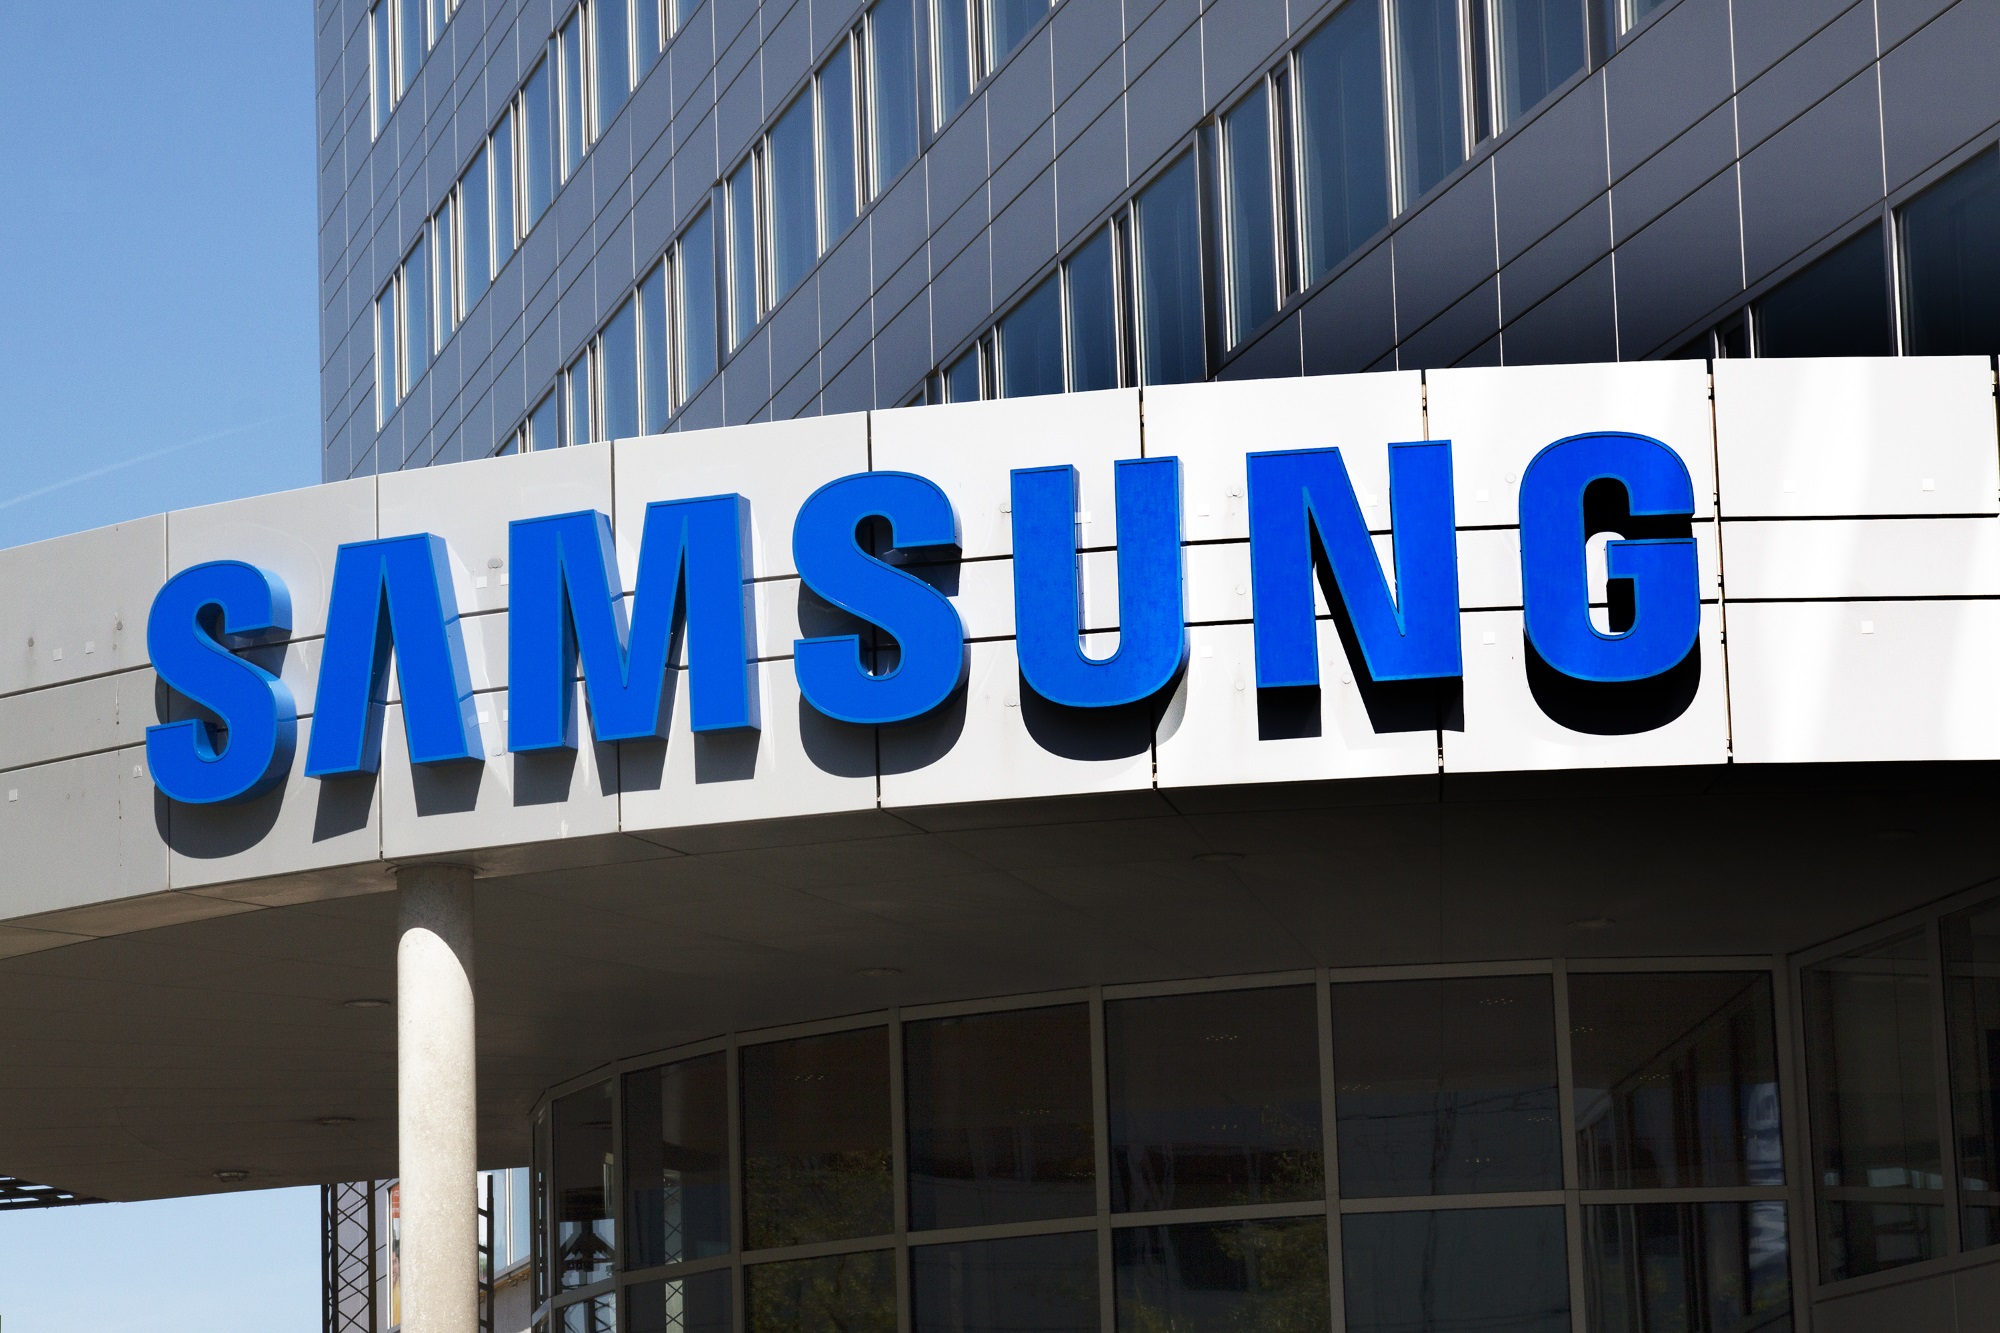 Marka Samsung w 2020 roku zajęła piątą pozycję w rankingu najbardziej wartościowych marek na świecie, zaraz po Amazonie, Google, Apple i Microsoft. Fot shutterstock